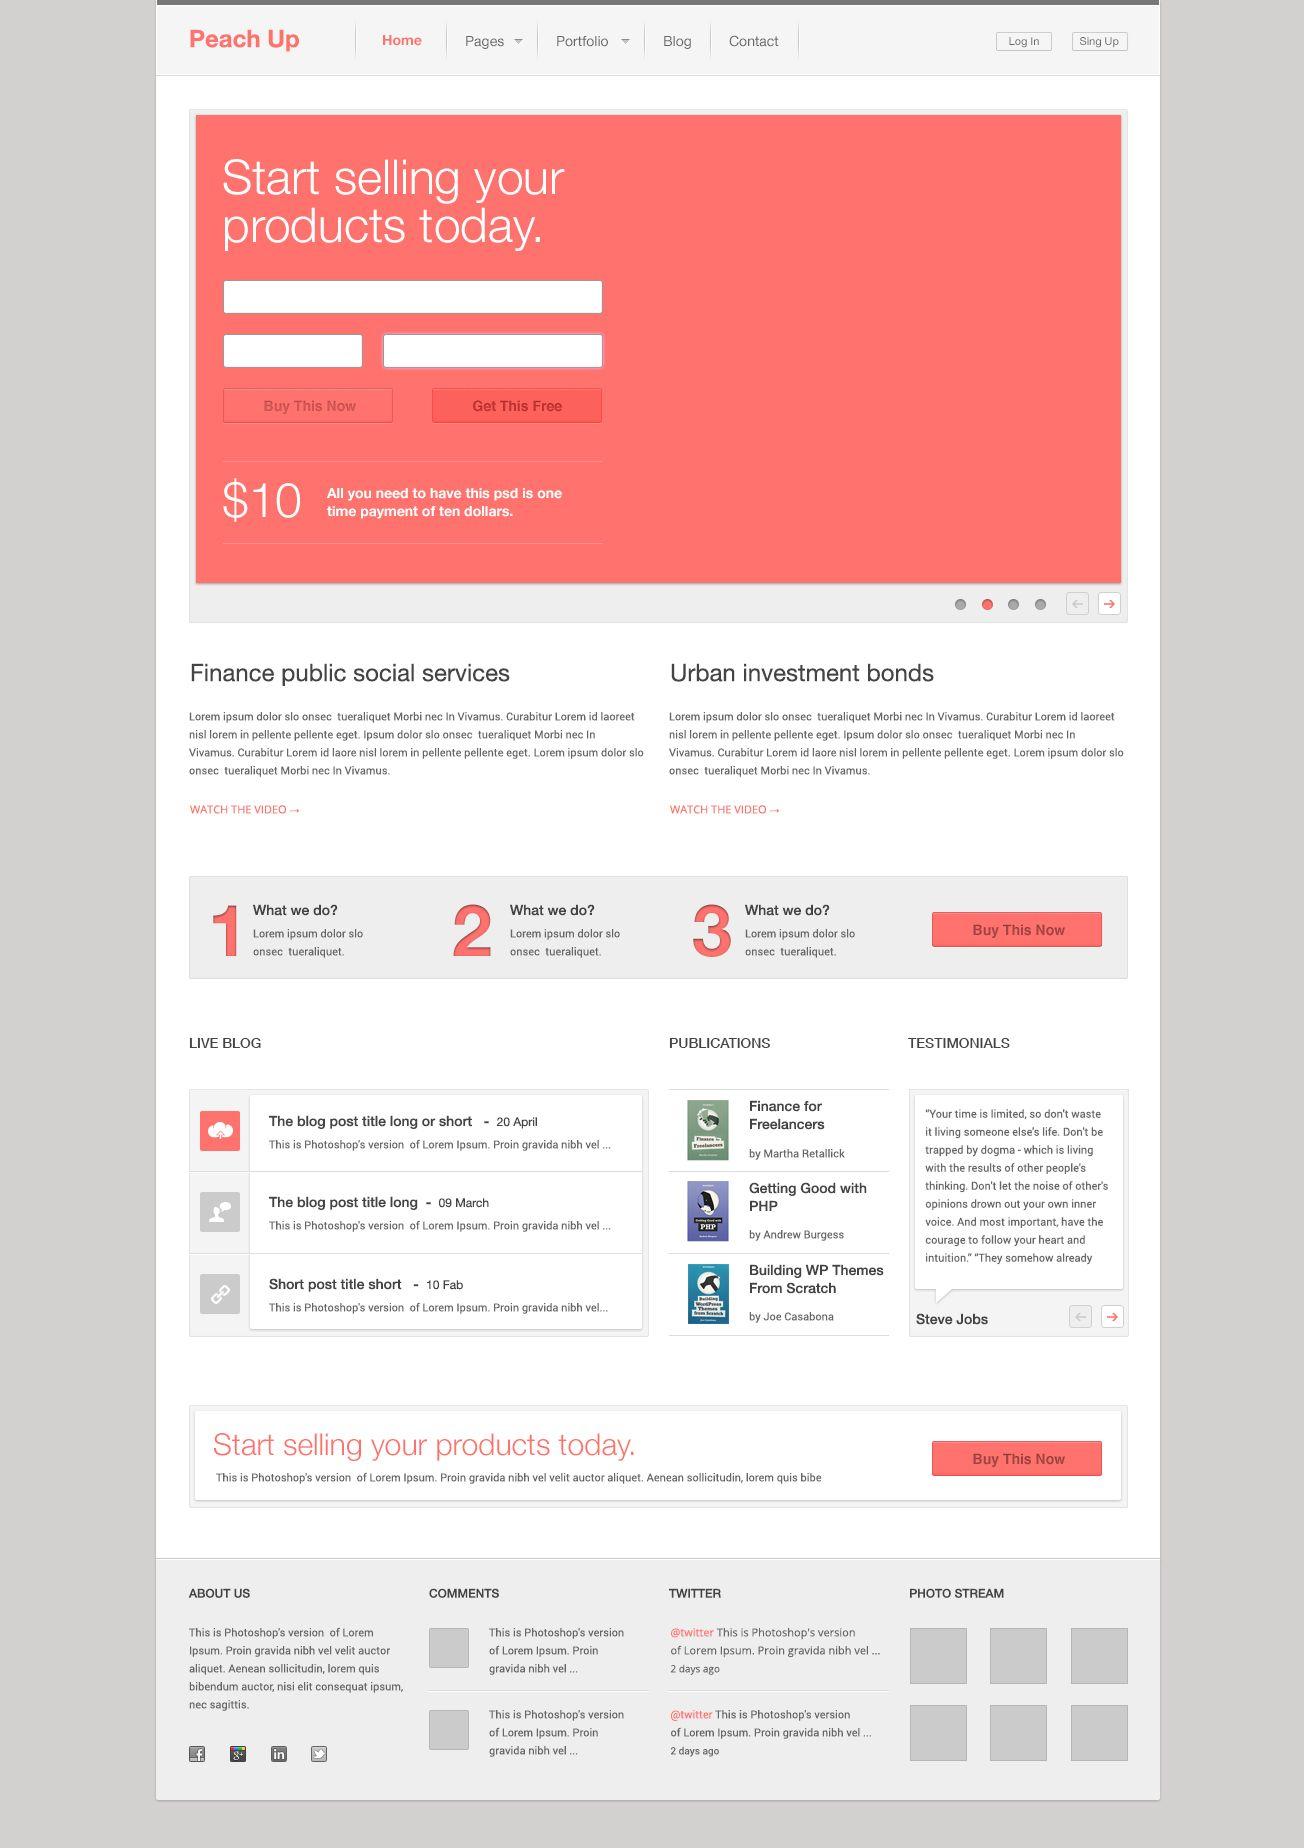 Free Psd Peach Up Web Design Web Graphic Design Free Psd Design